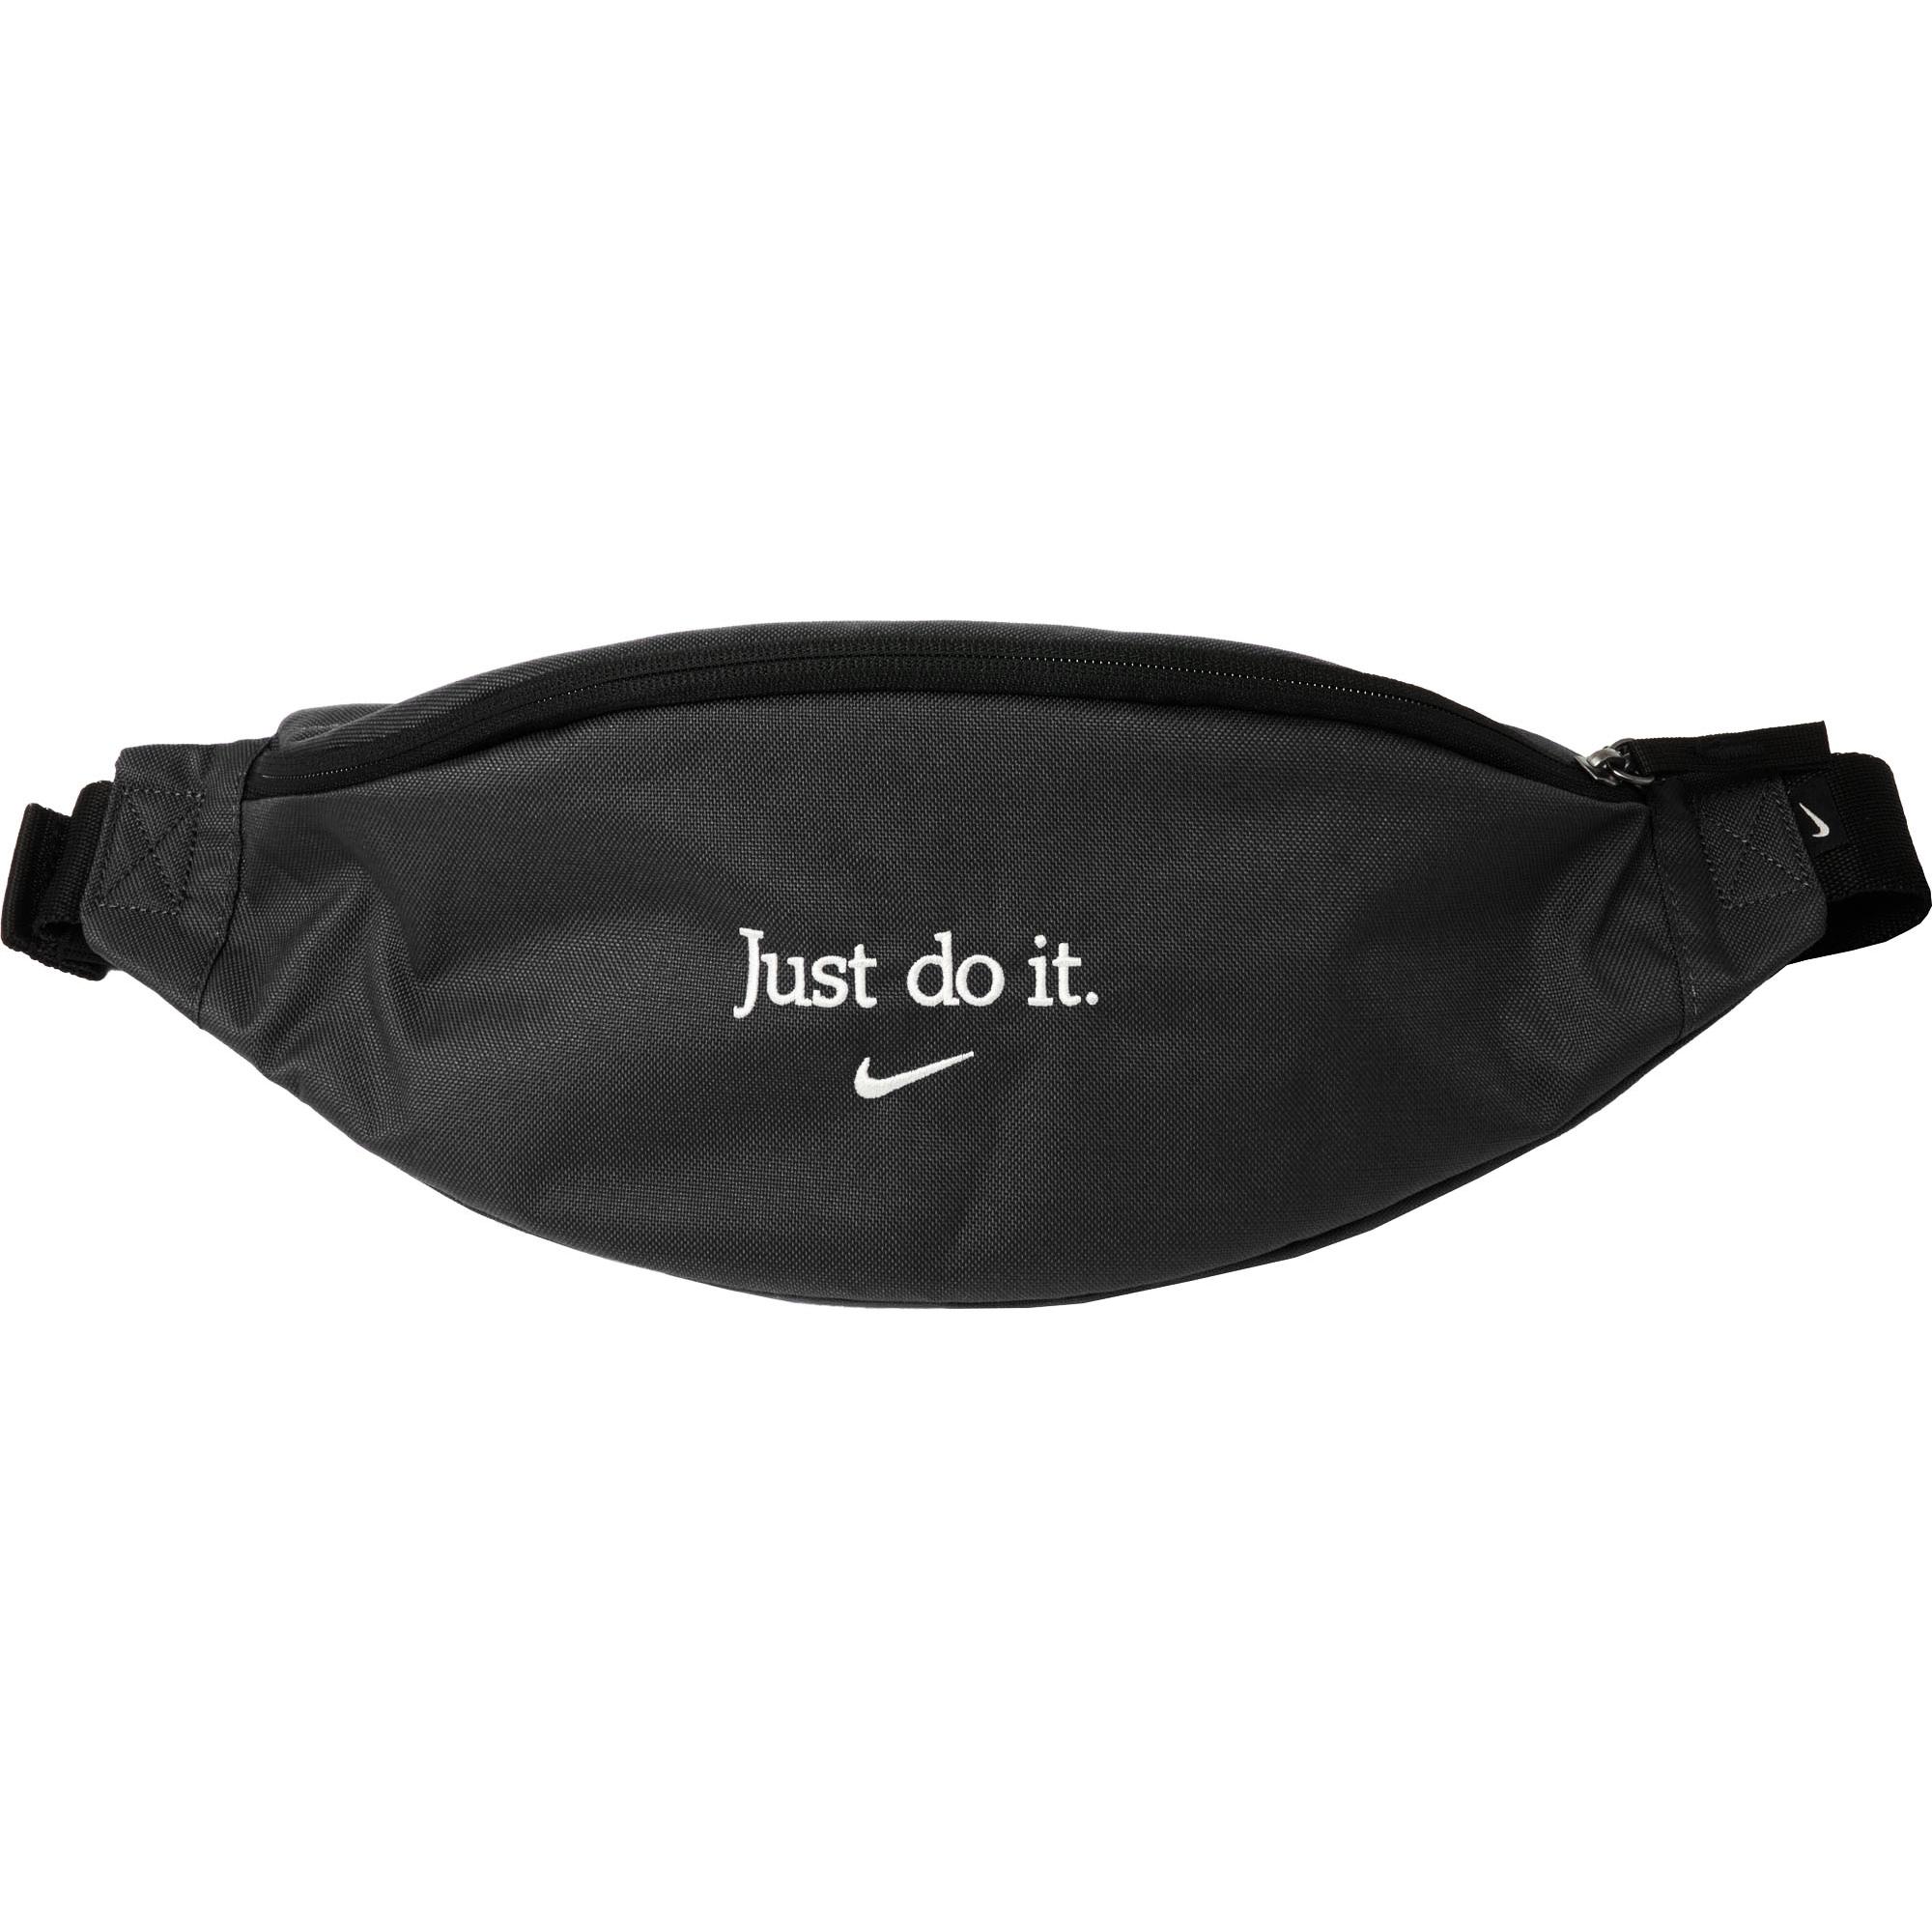 2d745b3fbd69 Nike Heritage Hip Bag (Black) at Dandy Fellow